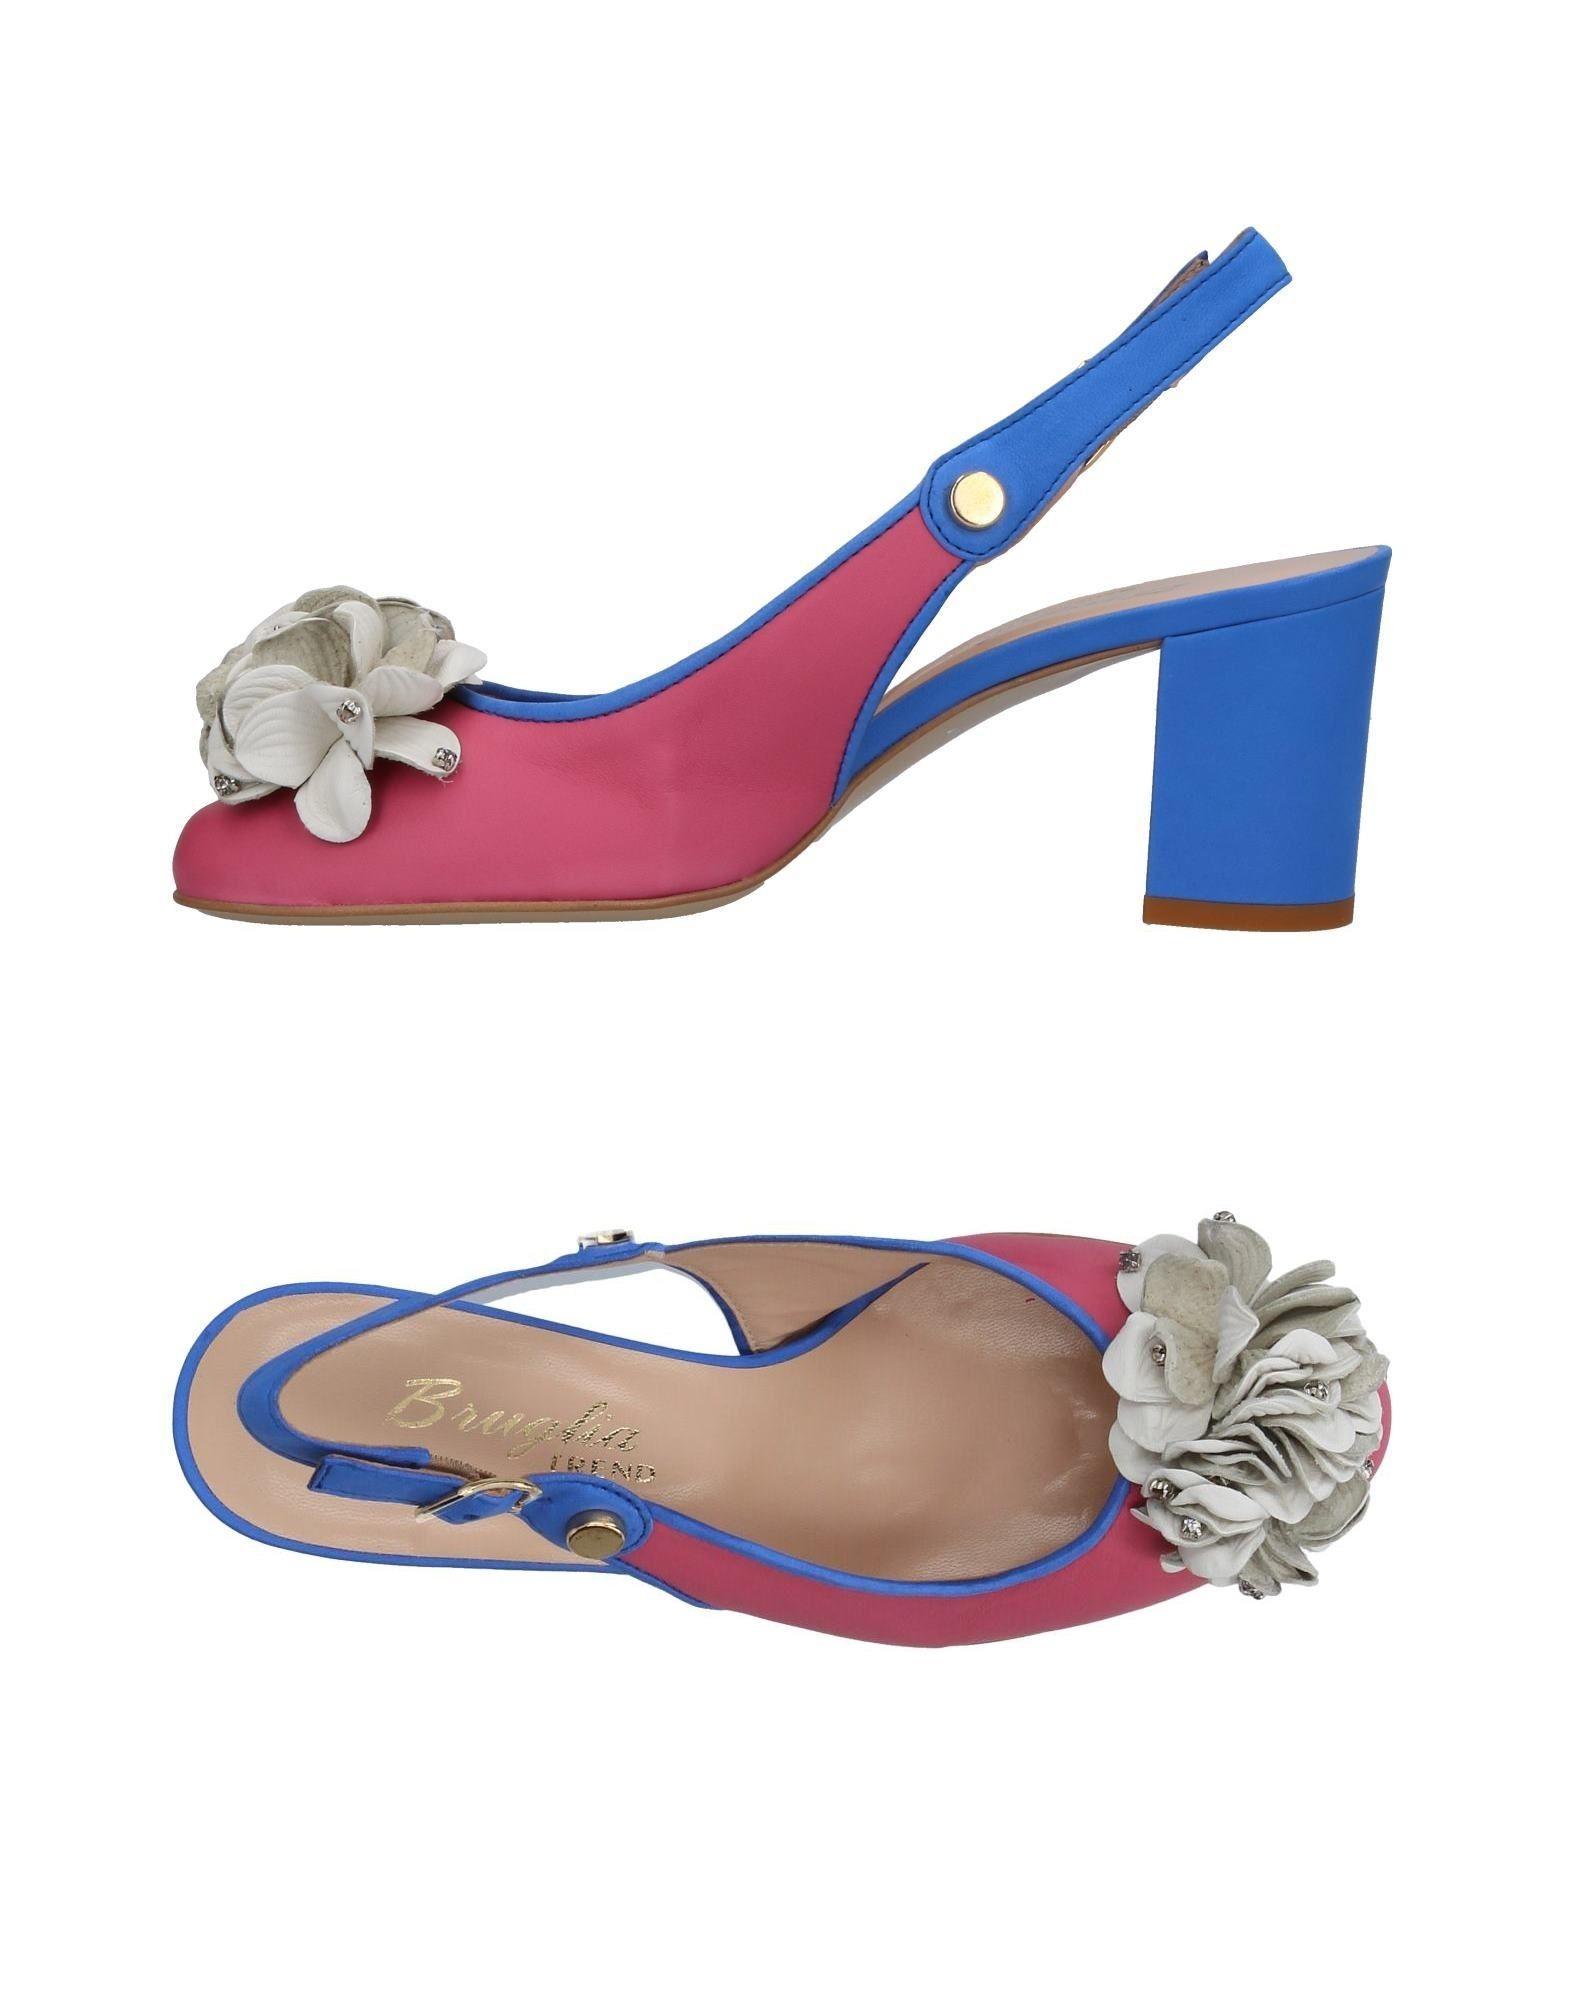 F.Lli Bruglia Pumps Damen  11408584BD Gute Qualität beliebte Schuhe